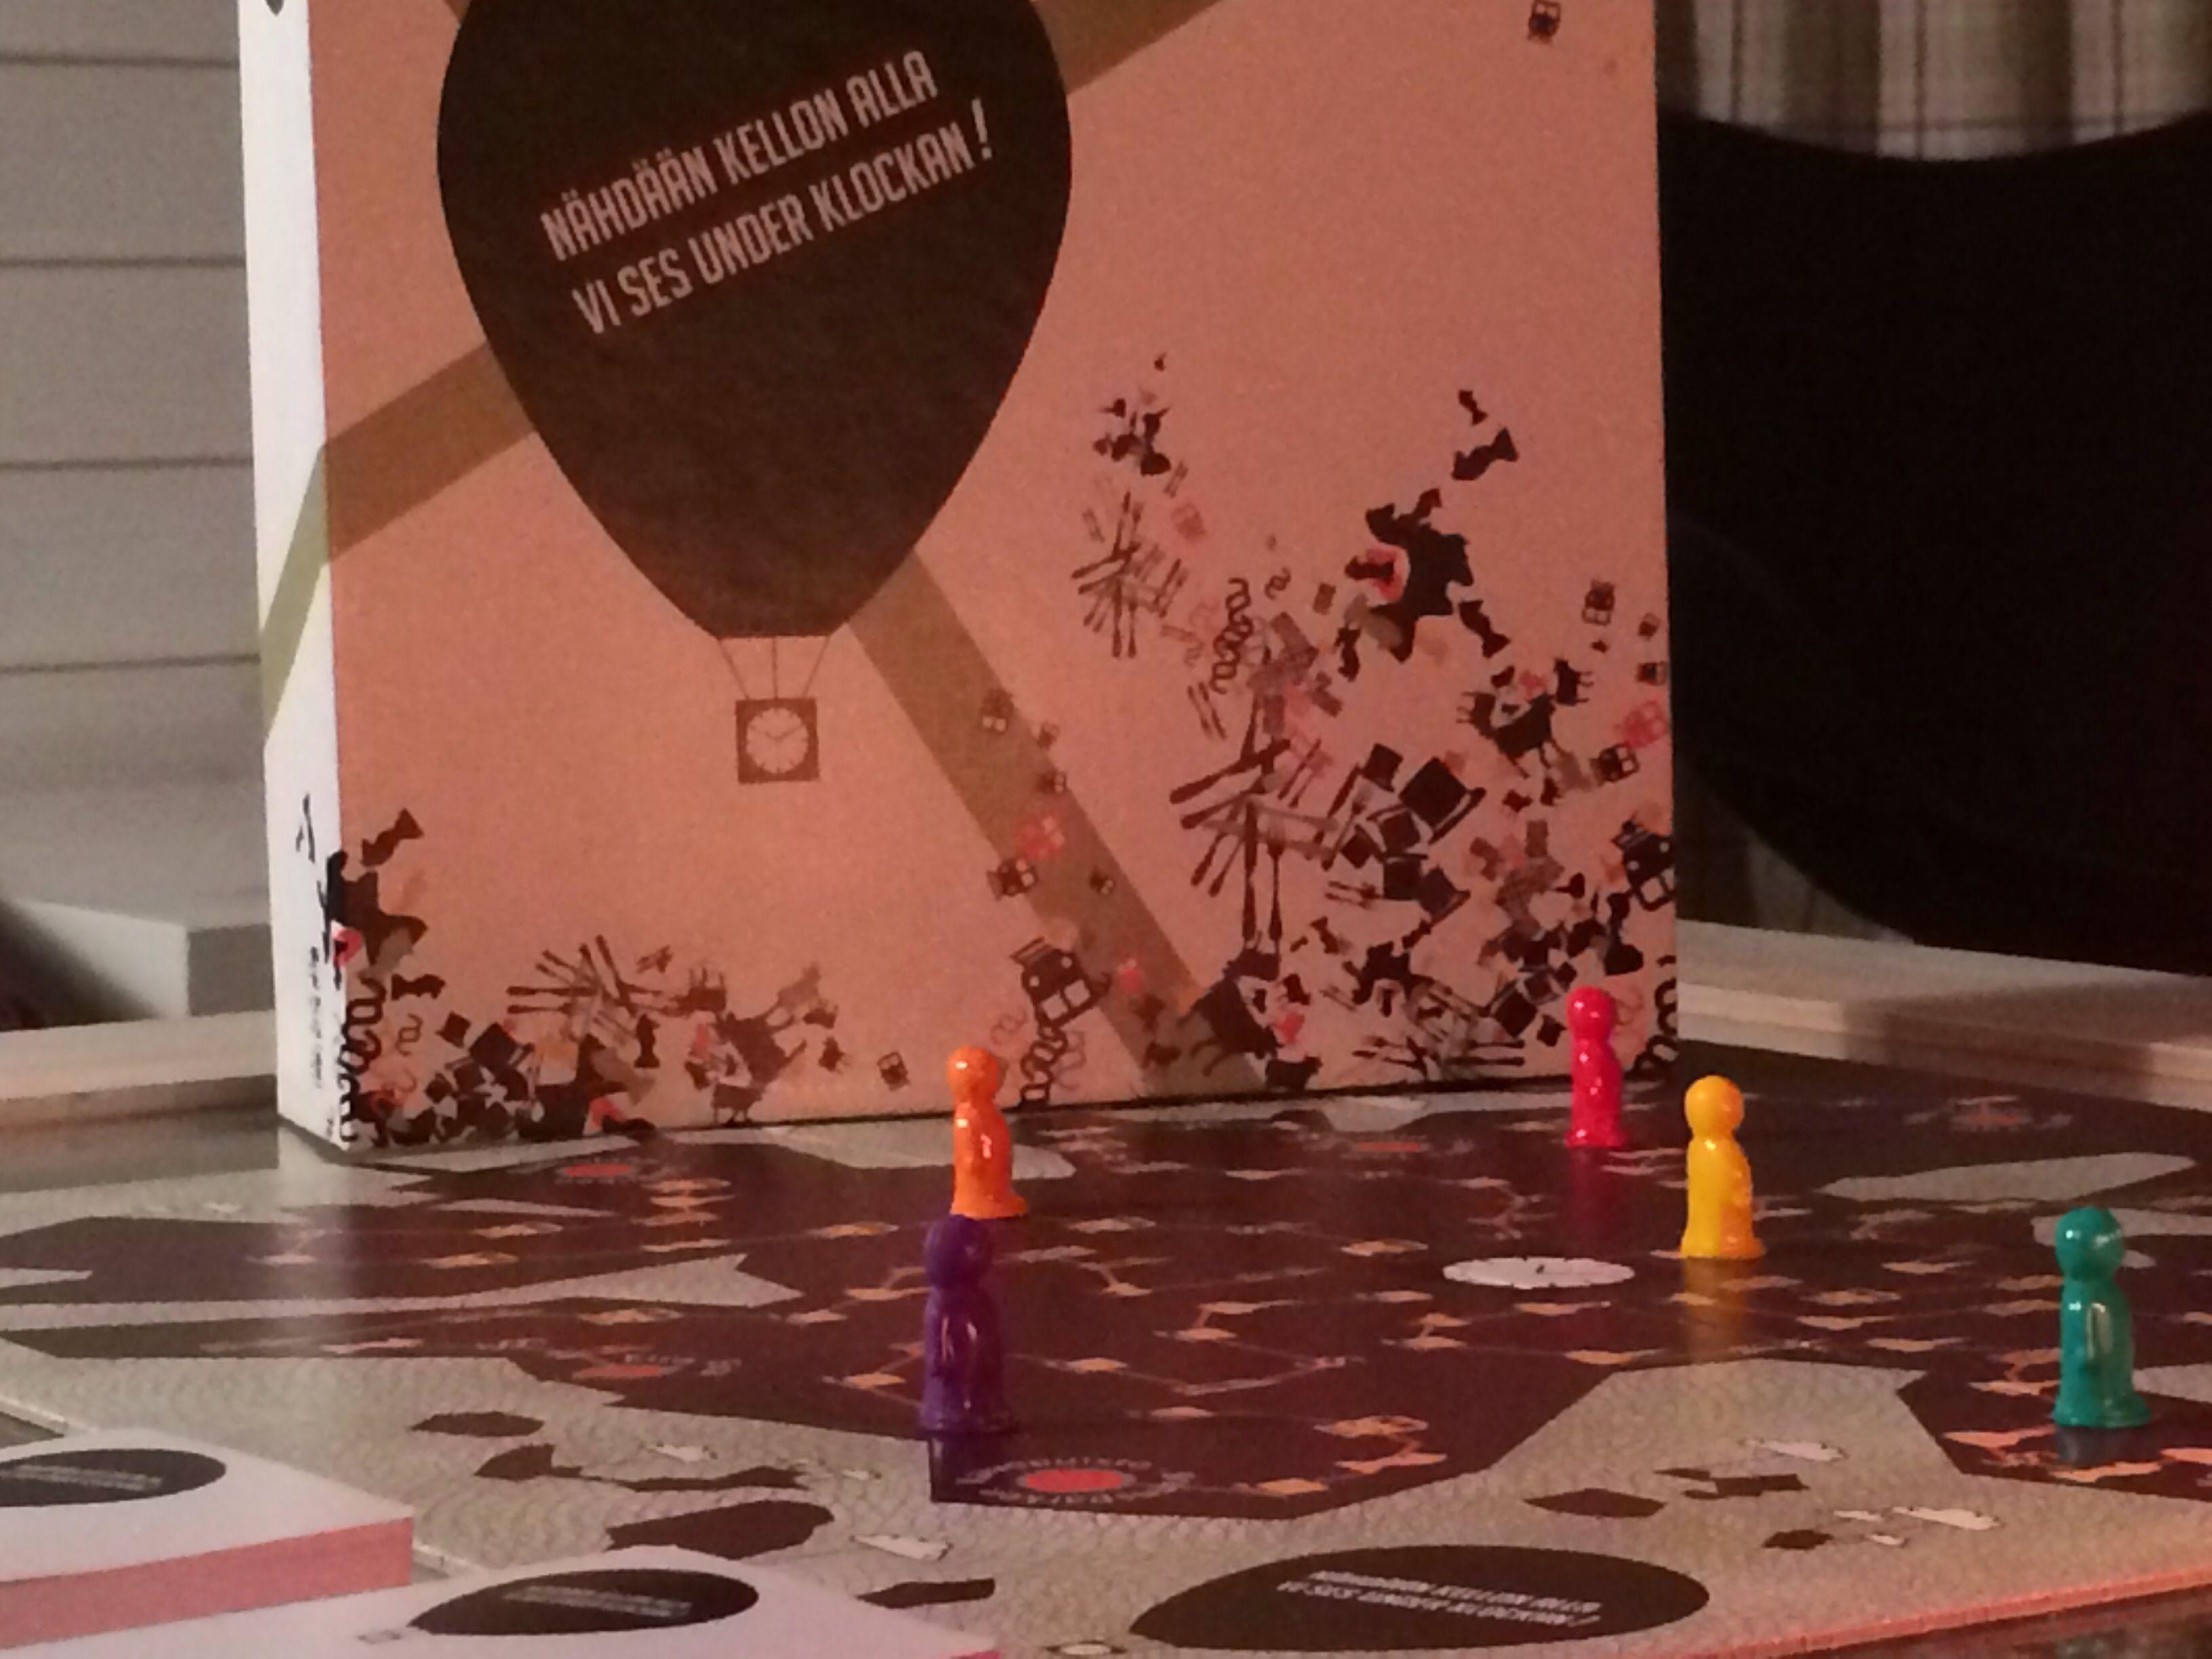 #ornamo #design #joulu #christmas #joulumyyjäiset #designjoulumyyjäiset #designjoulumyyjaiset #designjoulumyyjaiset #nähdäänkellonalla #visynsunderklockan #peli #game #lautapeli #boardgame #lifestyle #helsinki #finland #event #familyevent #tapahtuma #perhetapahtuma #kaapelitehdas